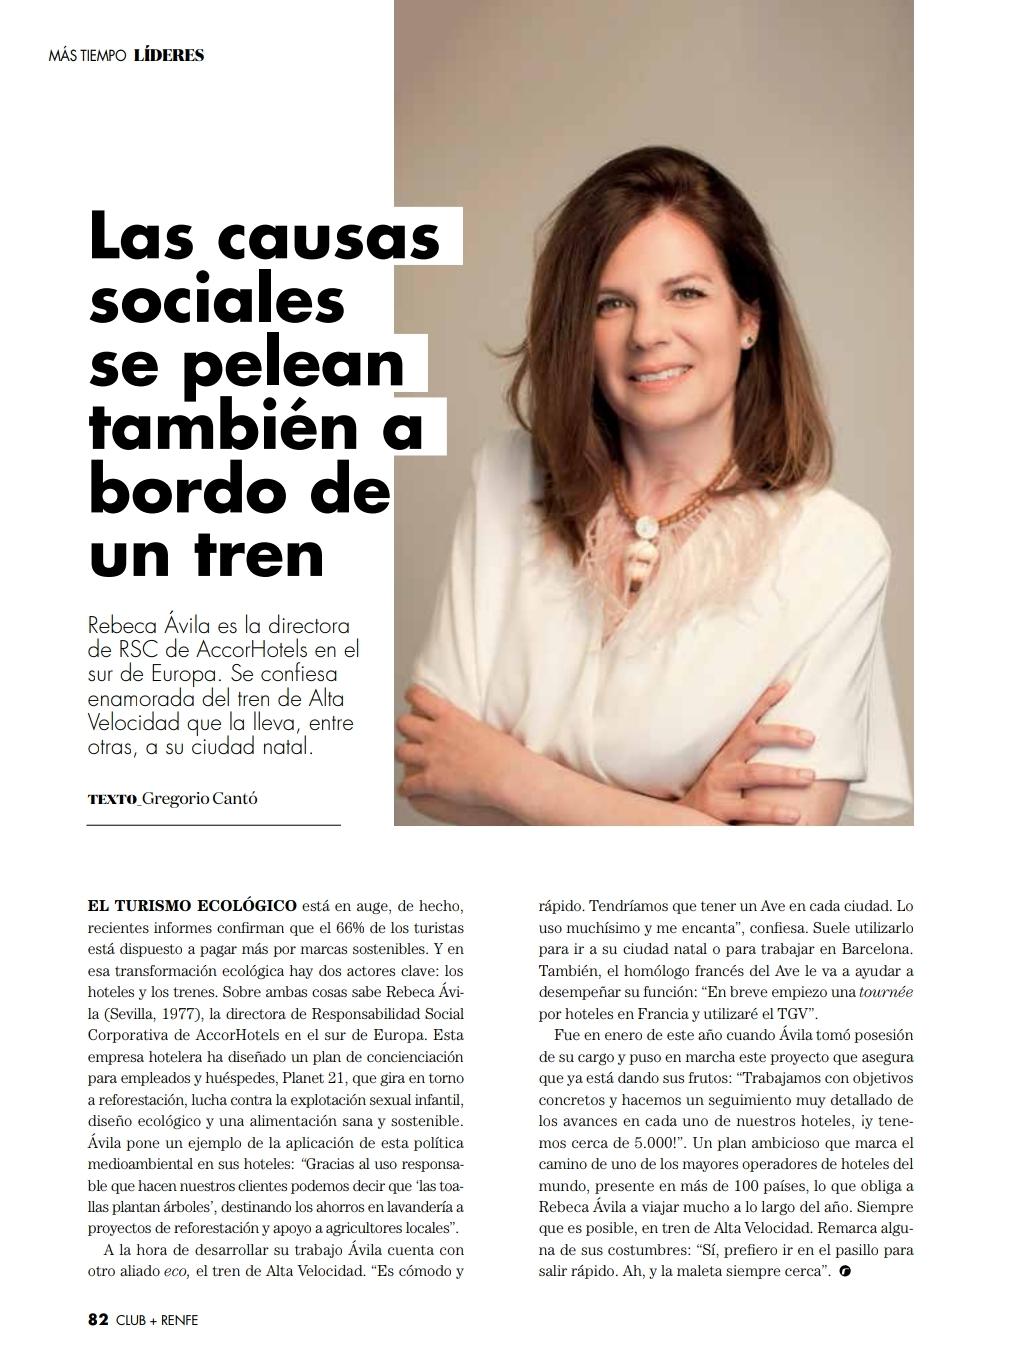 Revista Club Renfe / Sección Líderes / Las causas sociales también se pelean a bordo de un tren